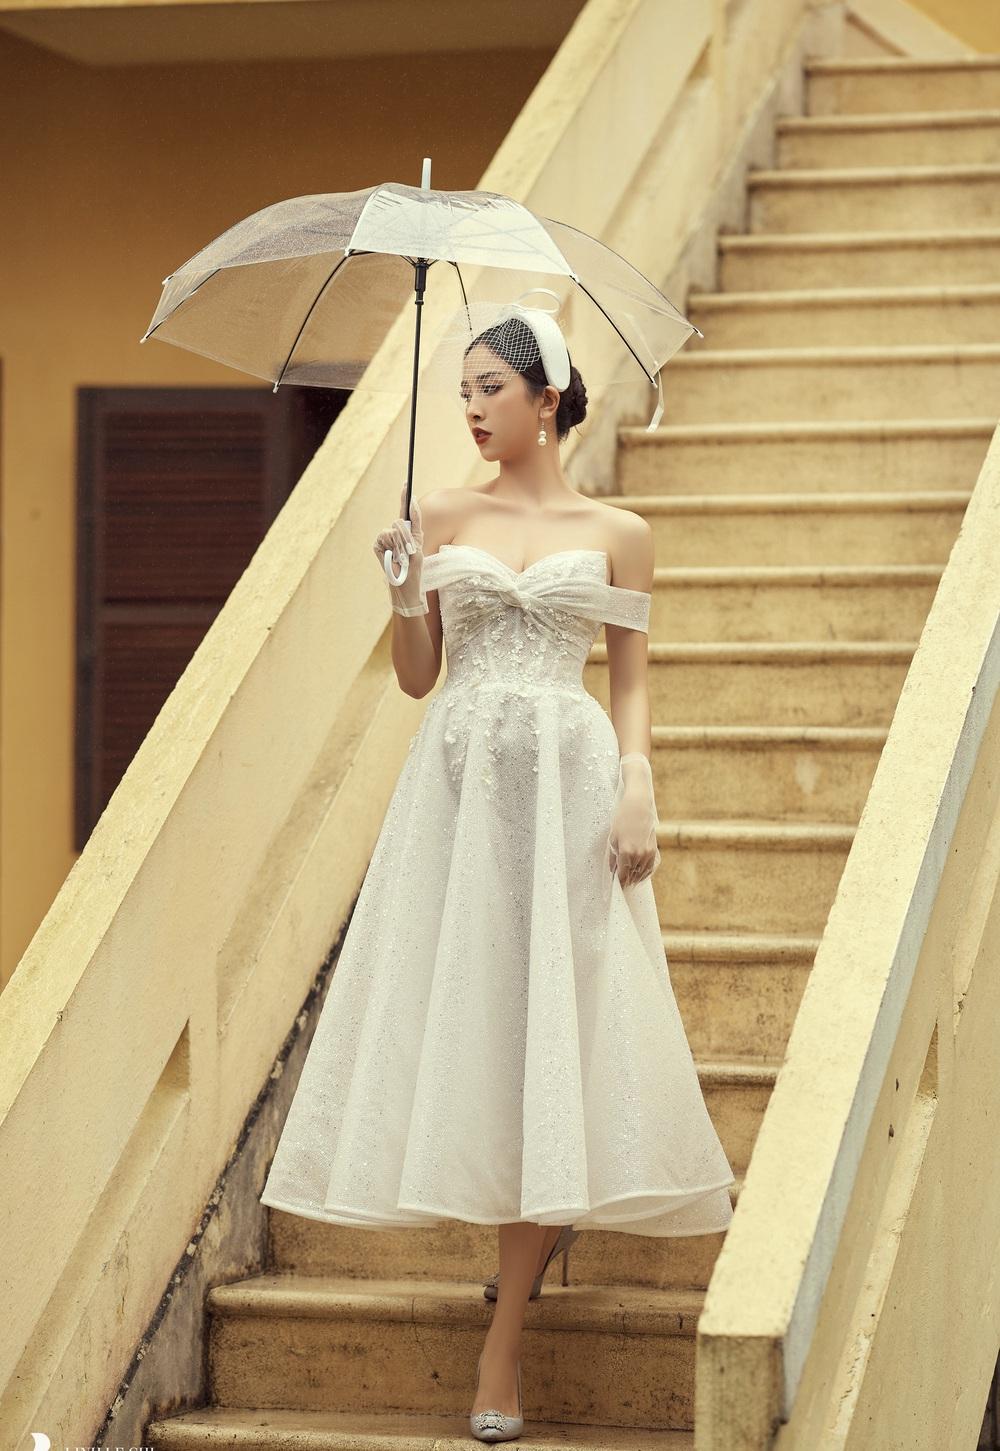 Ảnh cưới tại Đà Lạt ngọt hơn mật của Á hậu Thúy An - Ảnh 5.